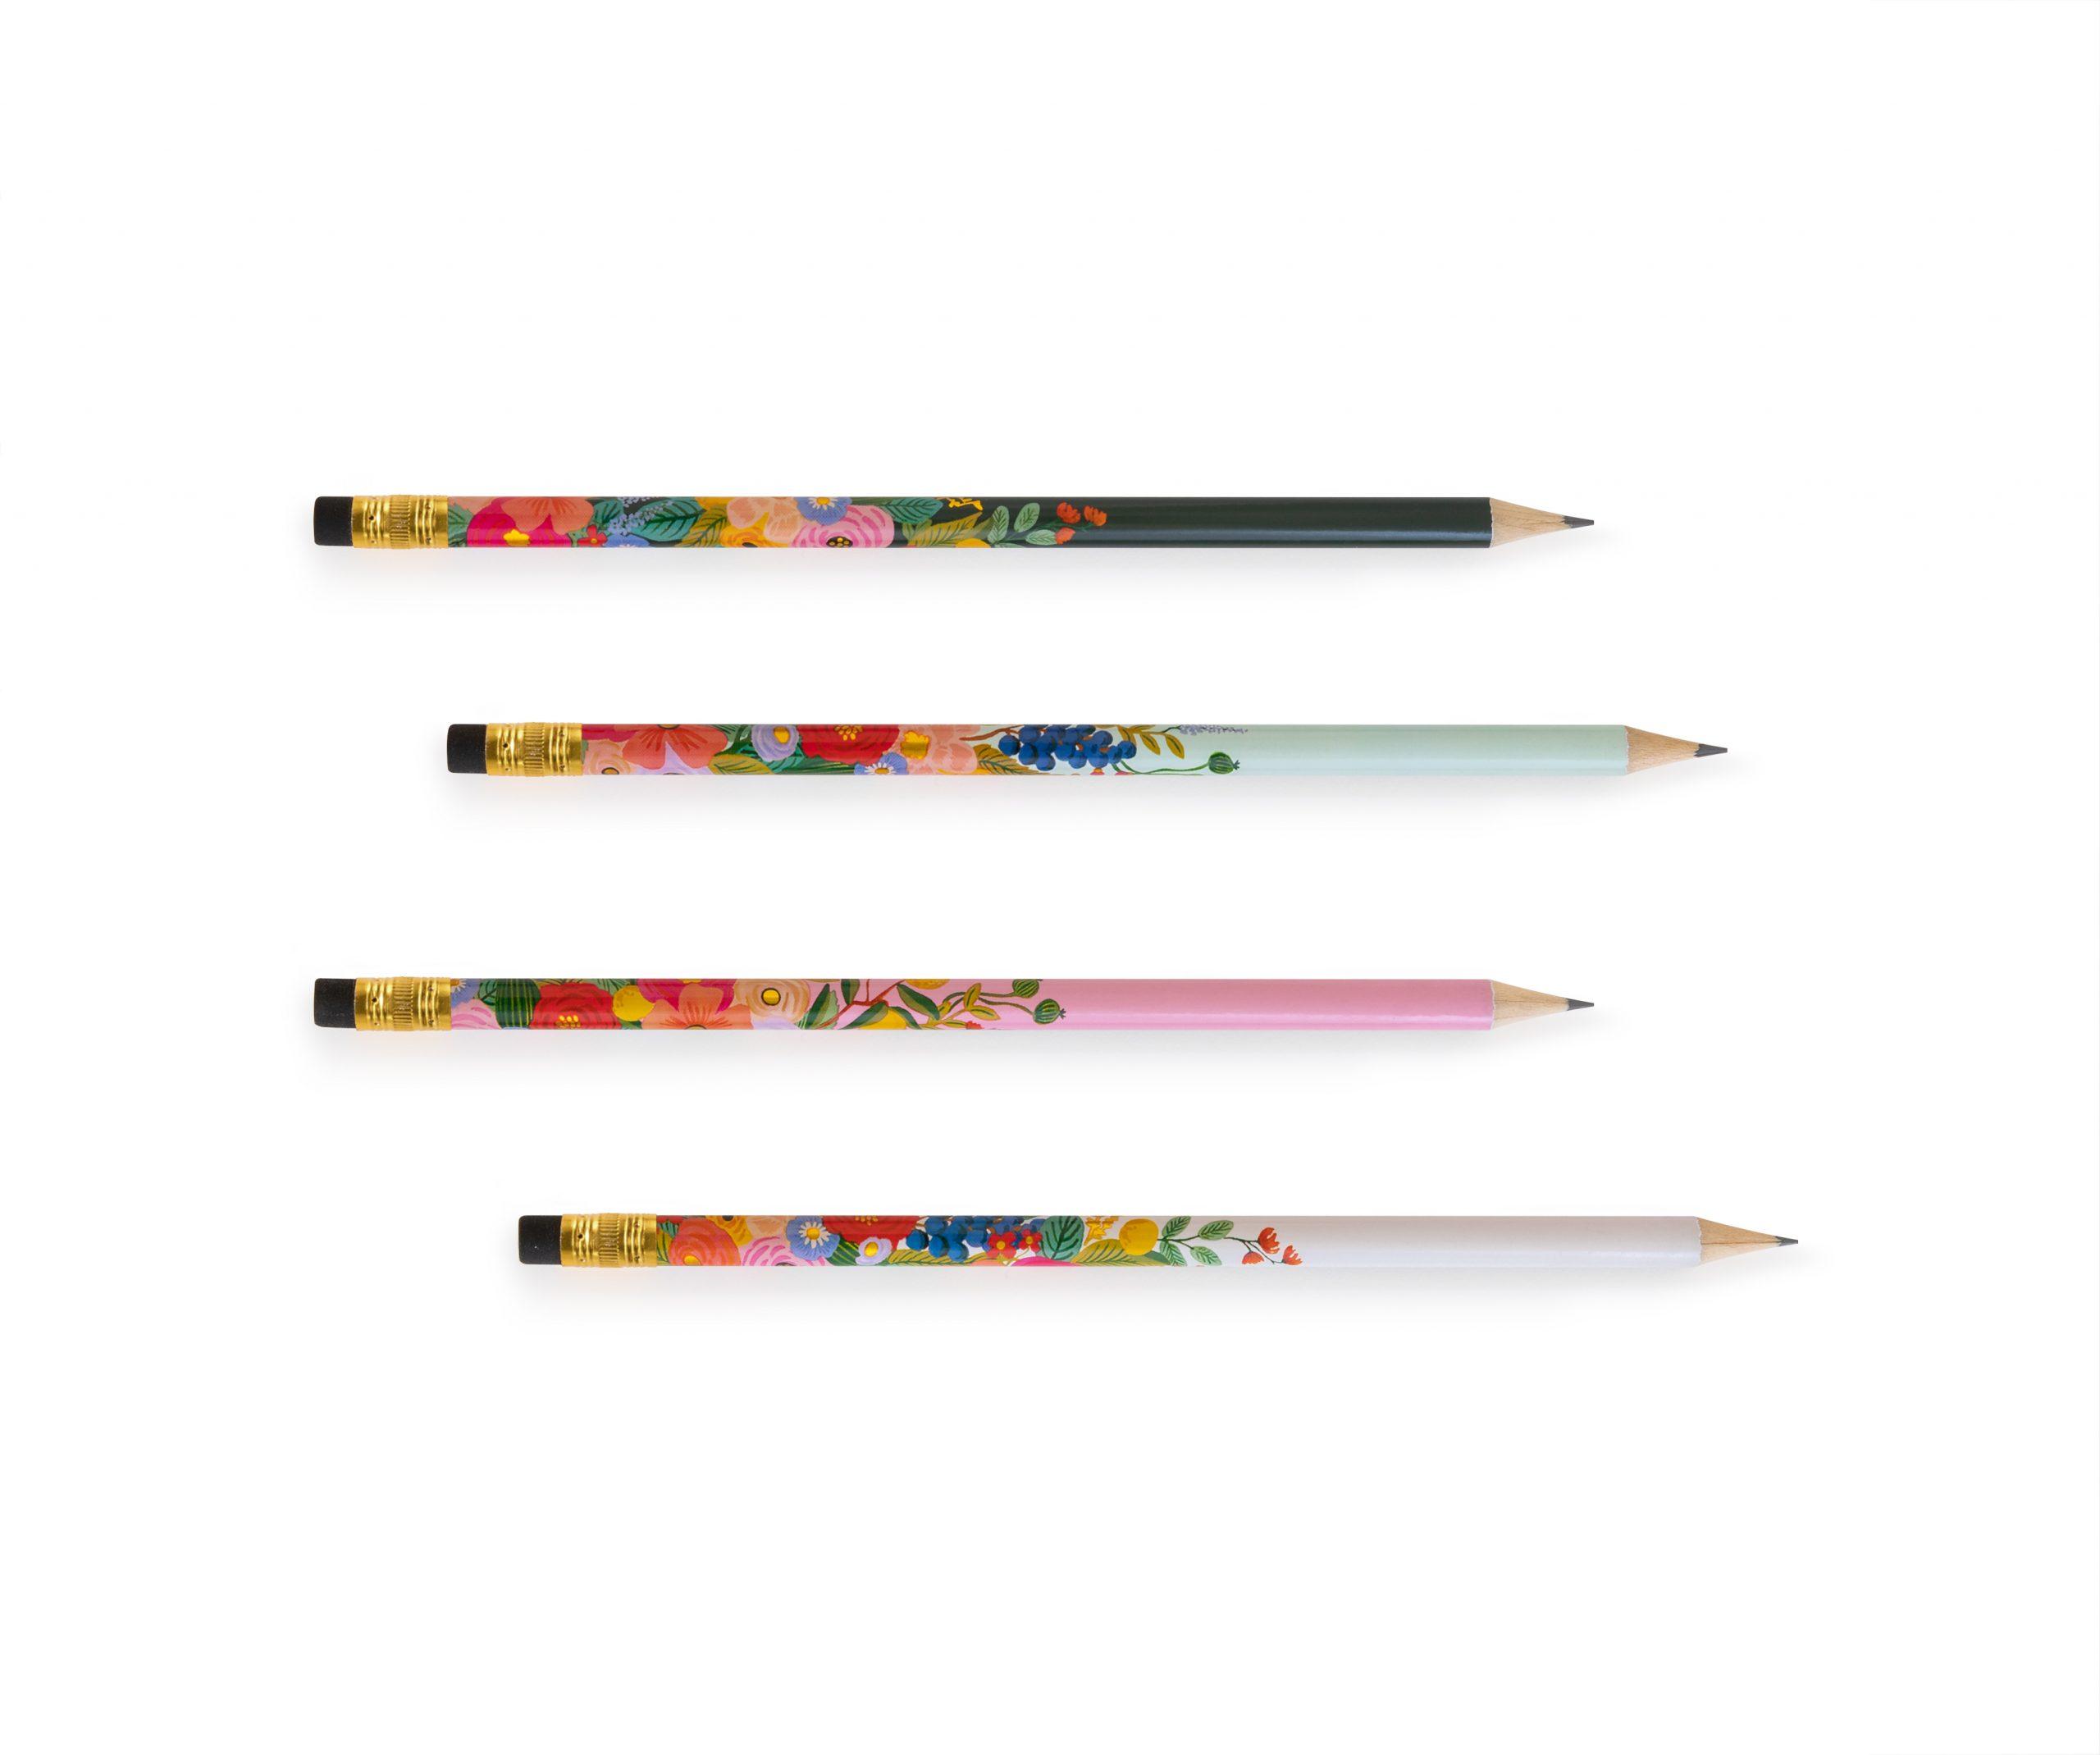 Pack de lápices Garden Party Rifle Paper